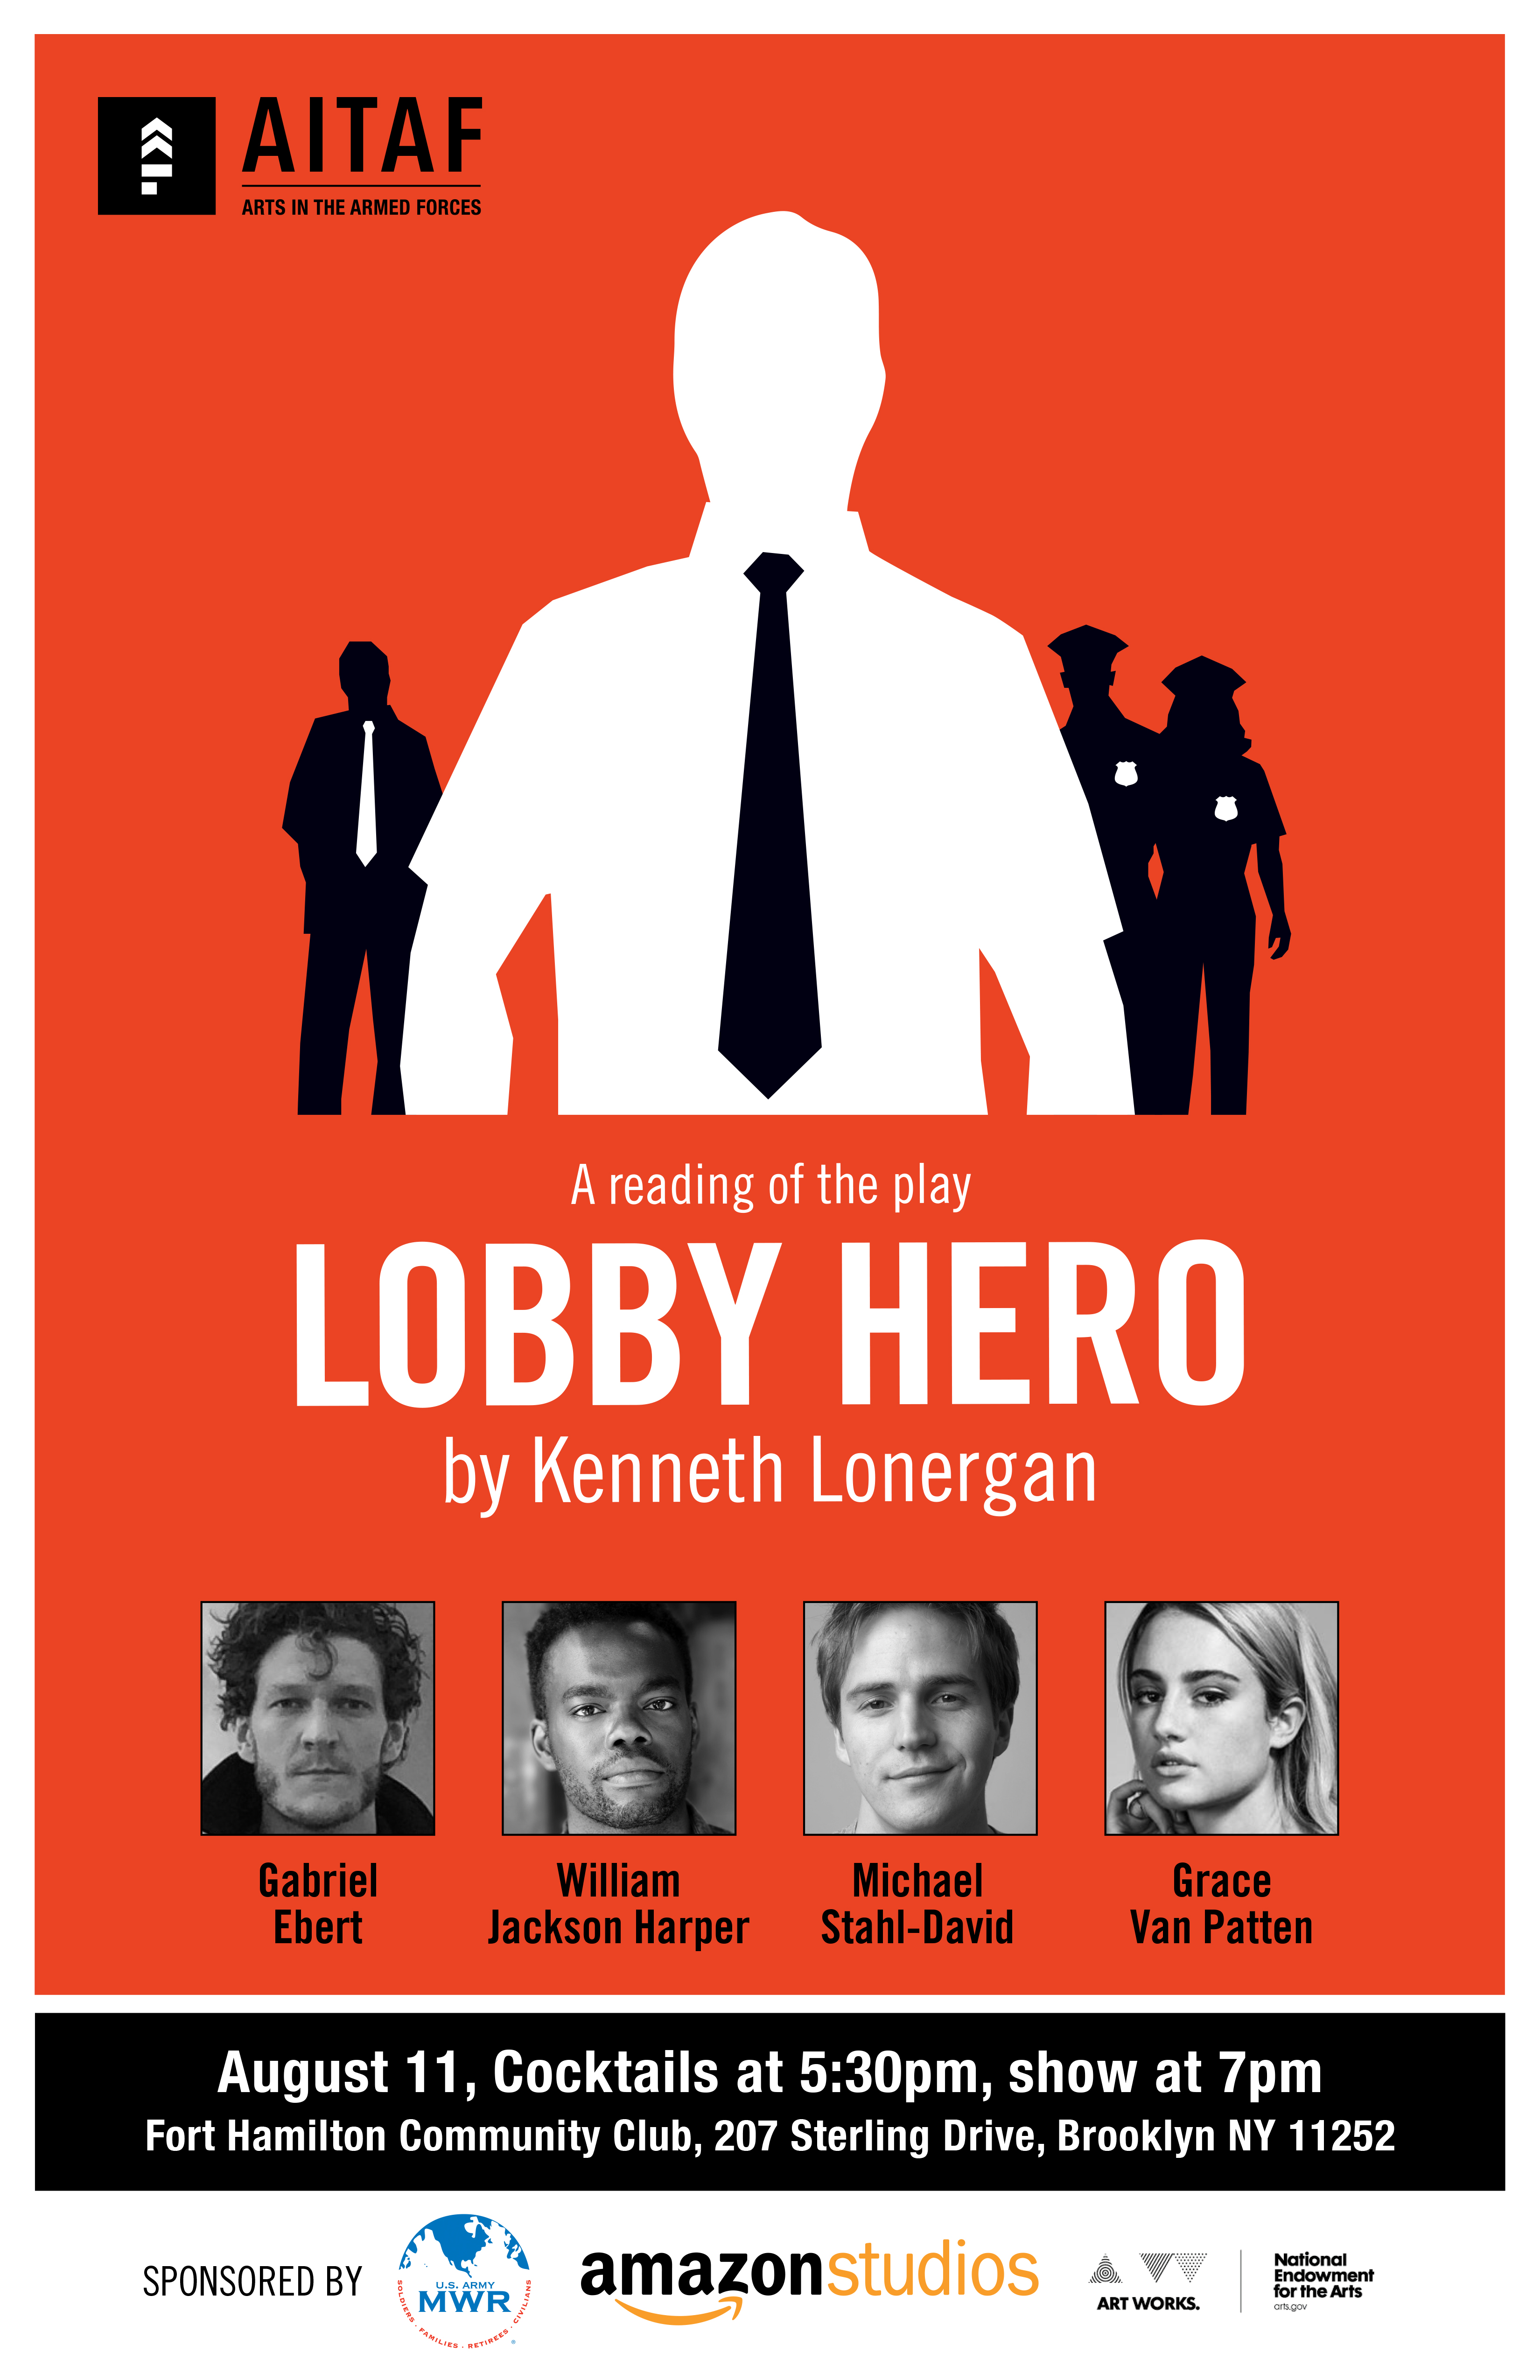 Lobby Hero FtHamilton V2.jpg